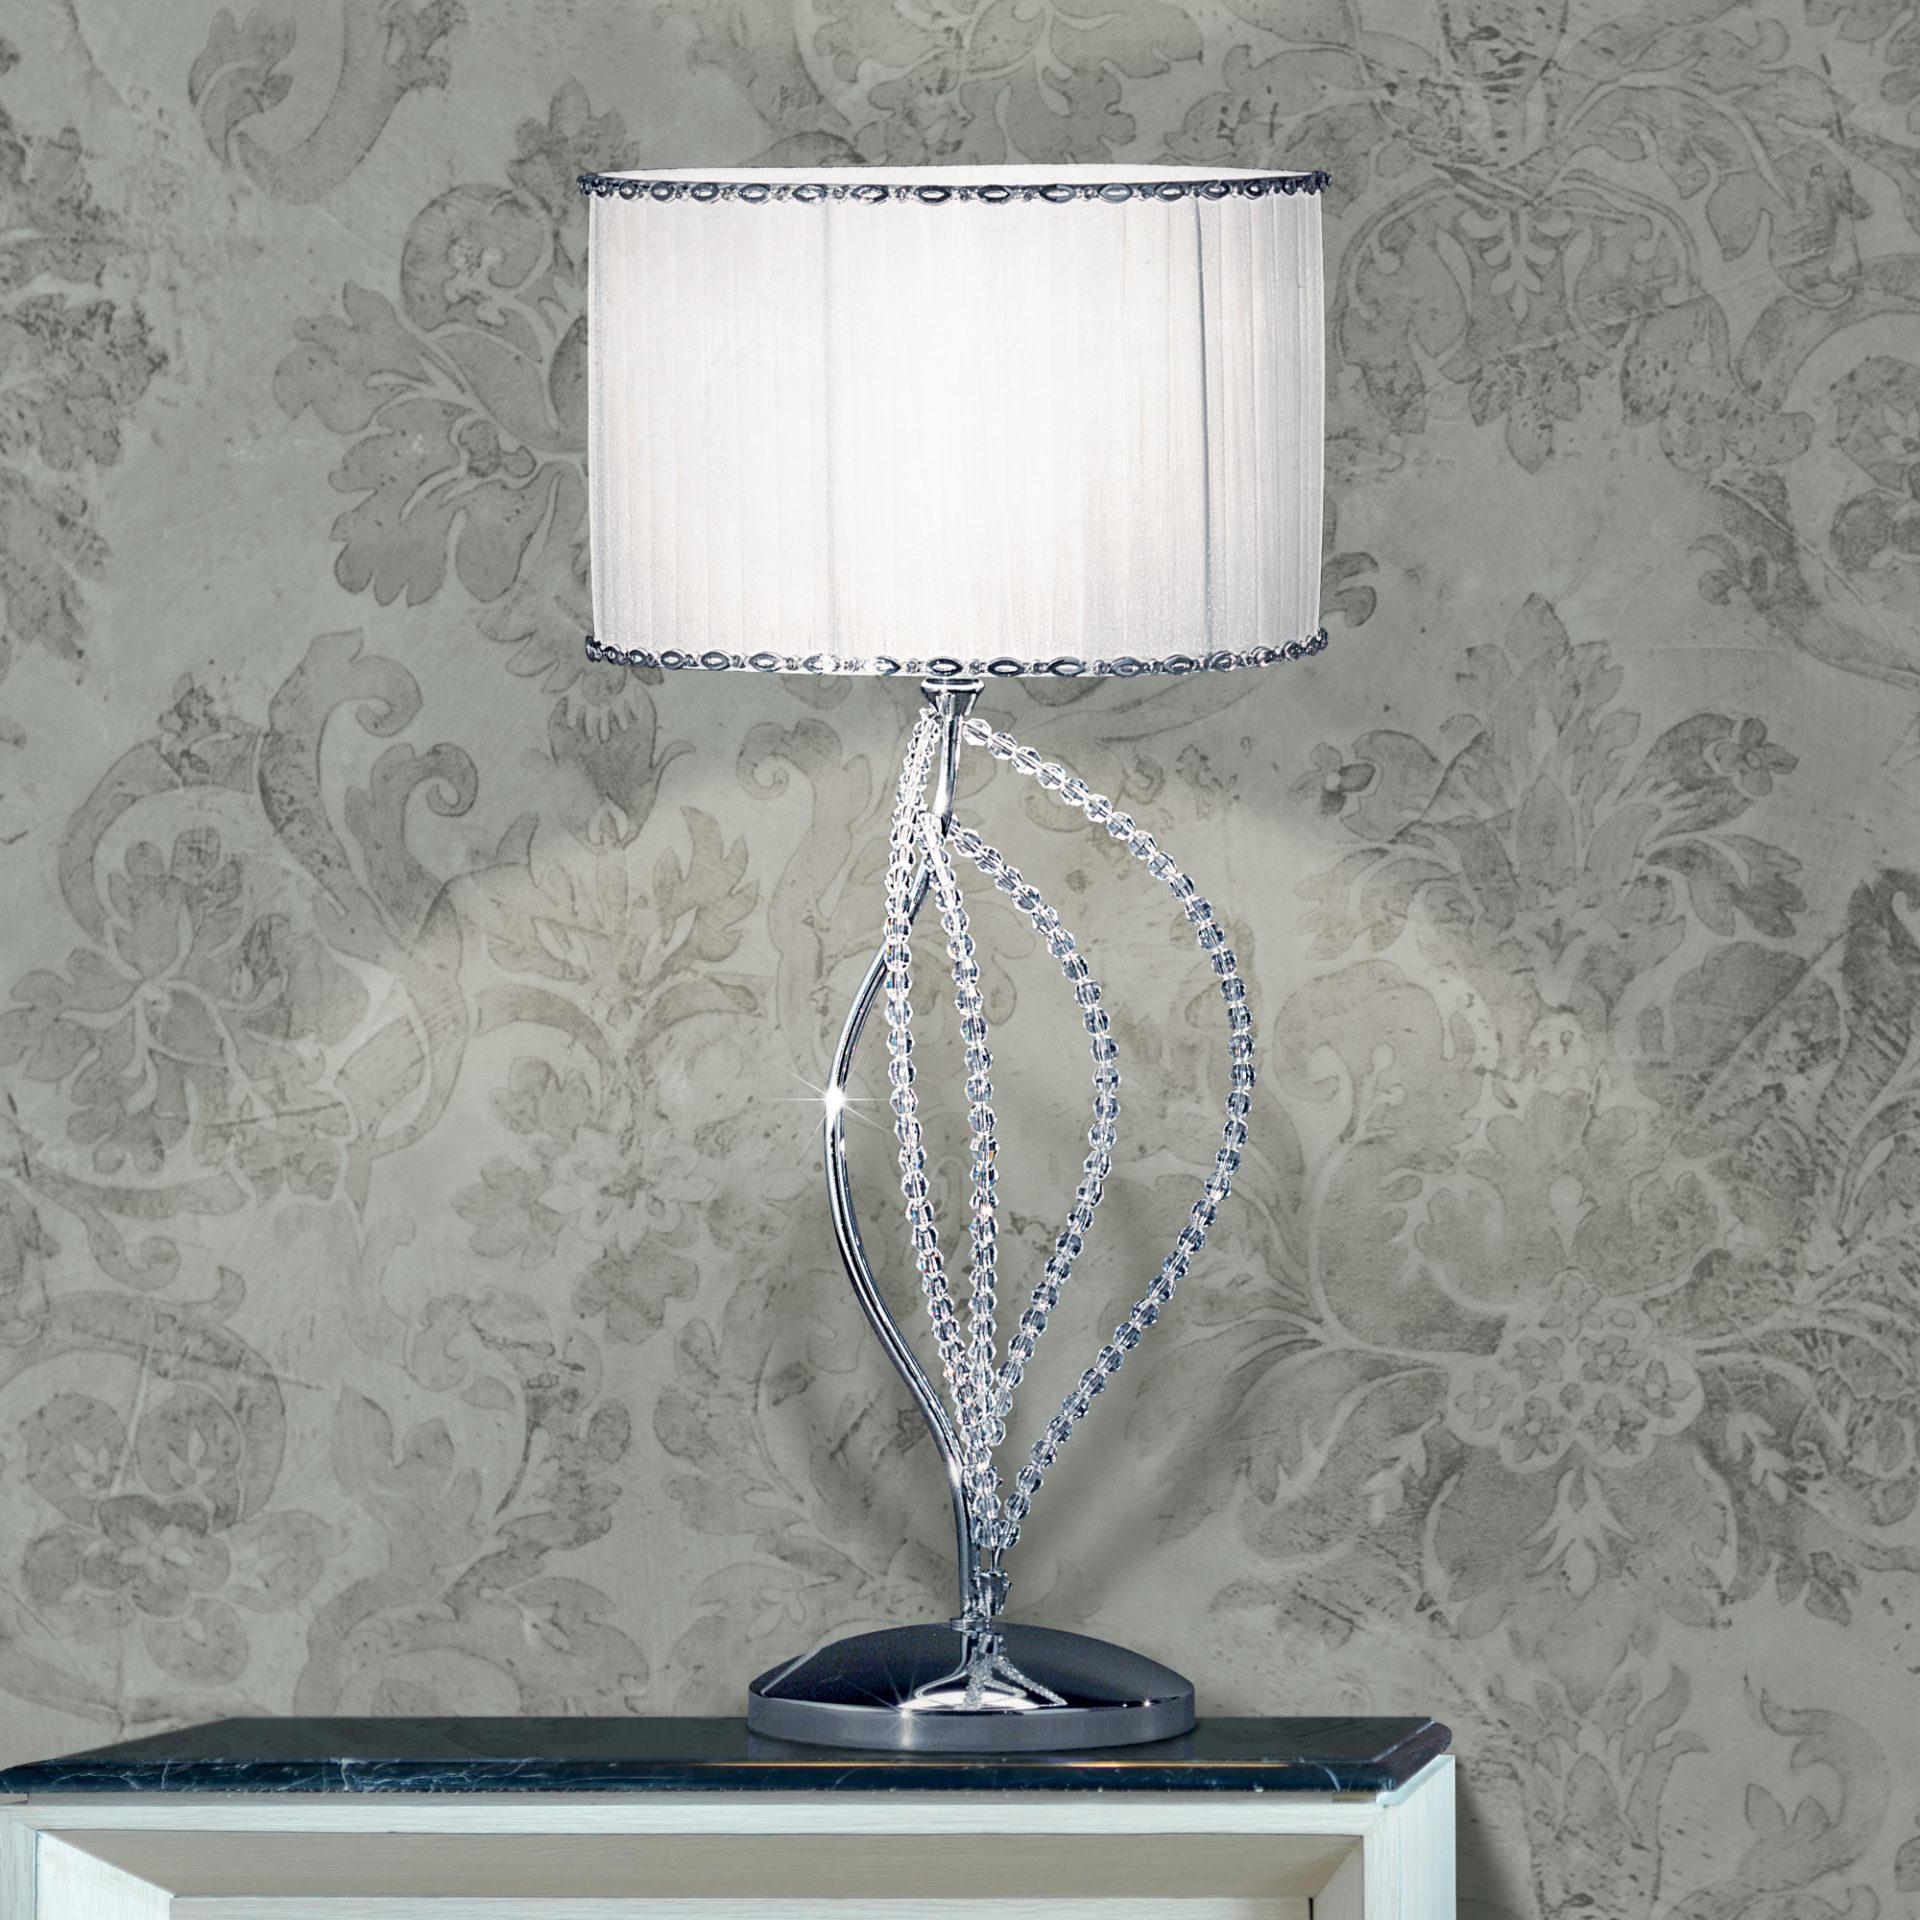 LAMPADA DA TAVOLO con petali decorativi in cristallo purissimo e montature in cromo lucido o oro lucido 24 carati: Girasole 840/L1